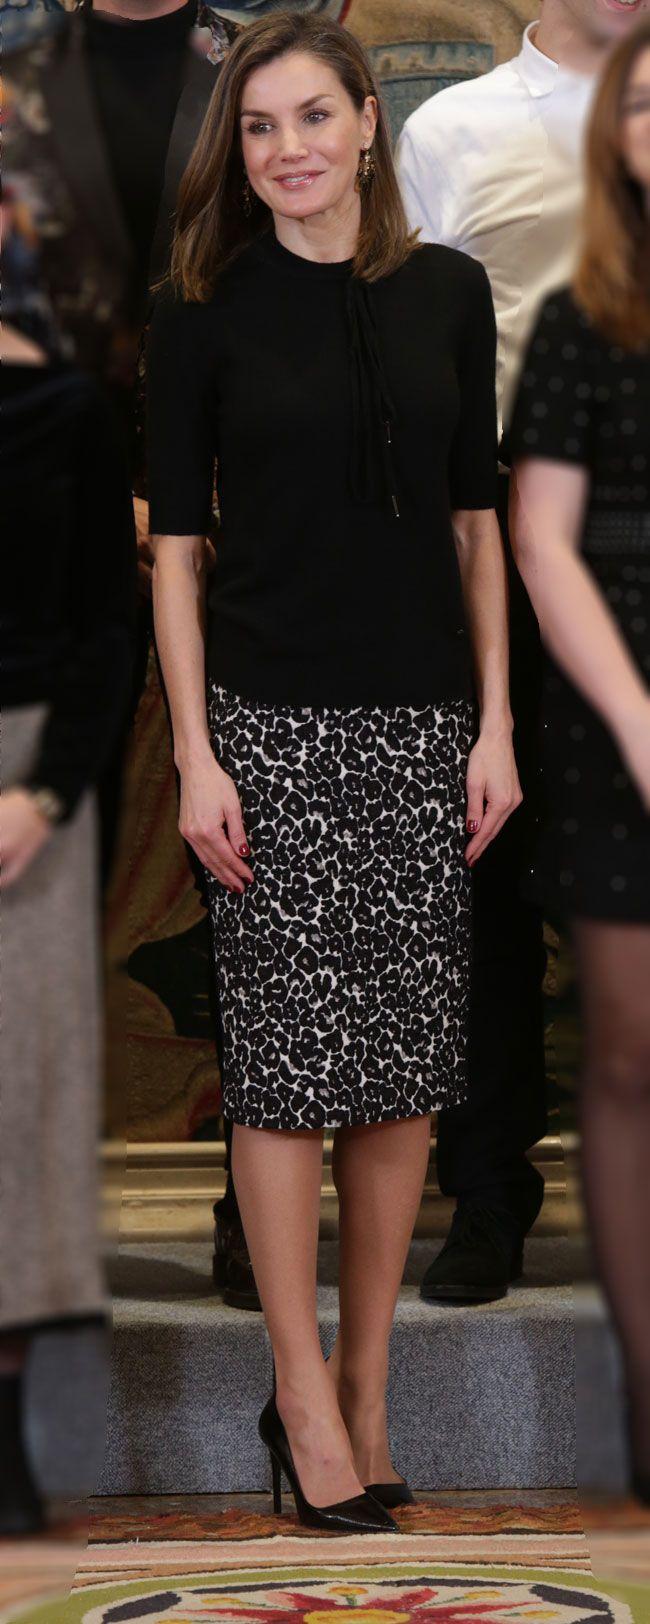 La Reina entrega un premio a la artista Victoria Civera con un look en negro y con un puntito animal gracias a su falda de leopardo de Roberto Verino.